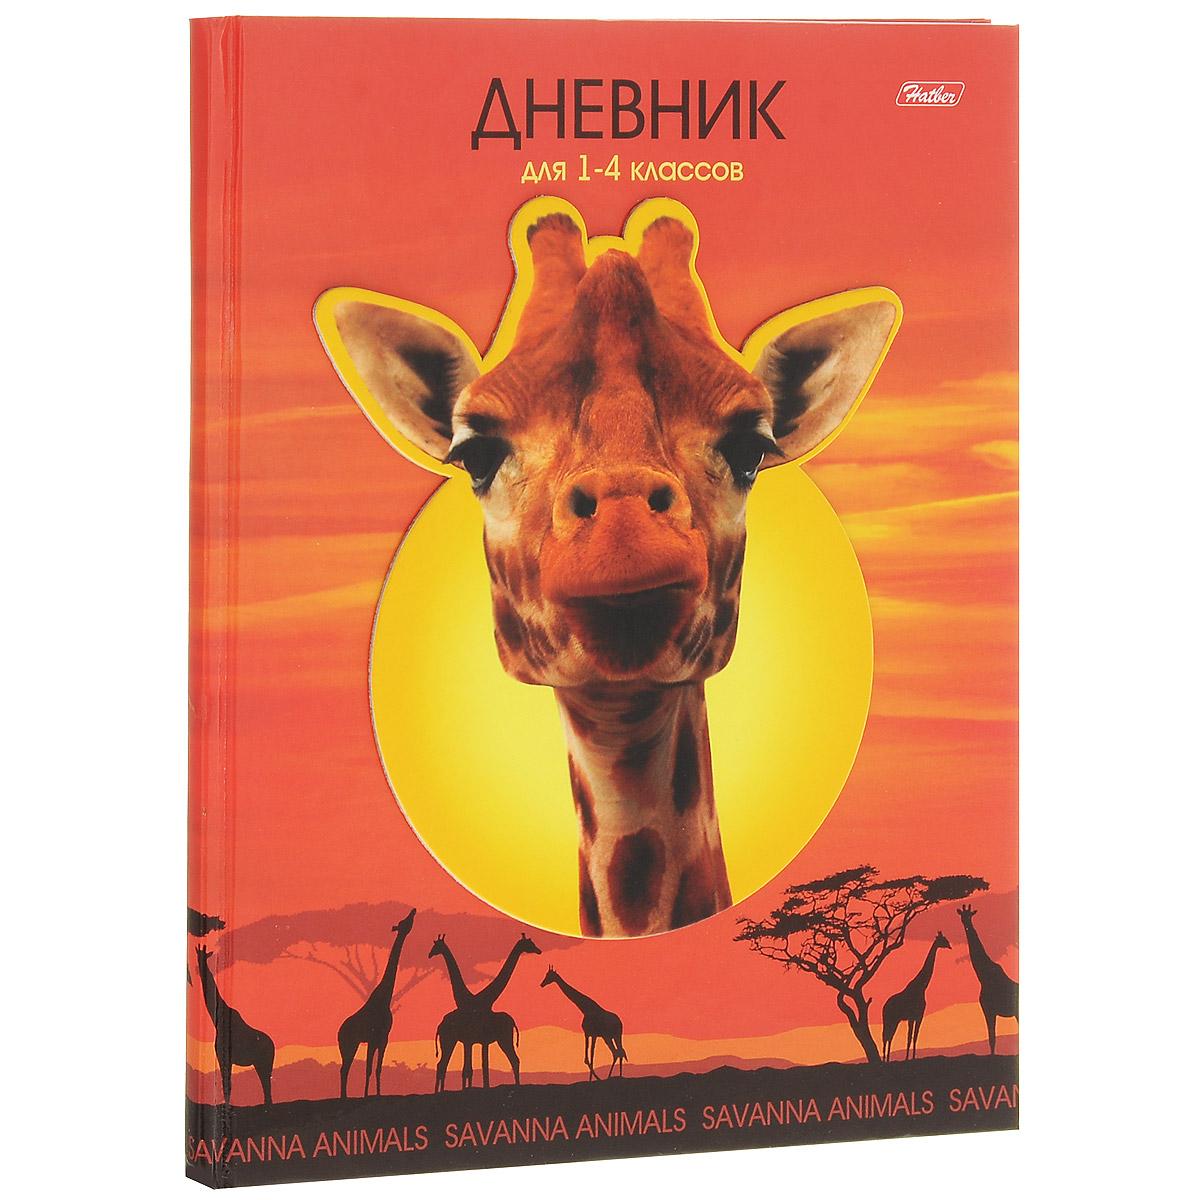 Дневник школьный Hatber Жираф, цвет: оранжевый, желтый48ДмТ5B_11091Школьный дневник Hatber Жираф - первый ежедневник вашего ребенка. Он поможет ему не забыть свои задания, а вы всегда сможете проконтролировать его успеваемость. Дневник предназначен для учеников 1-4 классов. Обложка дневника выполнена из плотного глянцевого картона и оформлена объемной наклейкой в виде головы жирафа. Внутренний блок изготовлен из высококачественной бумаги и состоит из 48 листов с изображением трех времен года: осени, зимы и весны. Каждая страничка дневника содержит пословицы разных народов мира. В структуру дневника входят все необходимые разделы: информация о личных данных ученика, школе и педагогах, друзьях и одноклассниках, расписание факультативов и уроков по четвертям, сведения об успеваемости с рекомендациями педагогического коллектива. Дневник также содержит номера телефонов экстренной помощи и даты государственных праздников. Кроме стандартной информации, в конце дневника имеется краткий справочник школьника по математике и русскому языку. На...